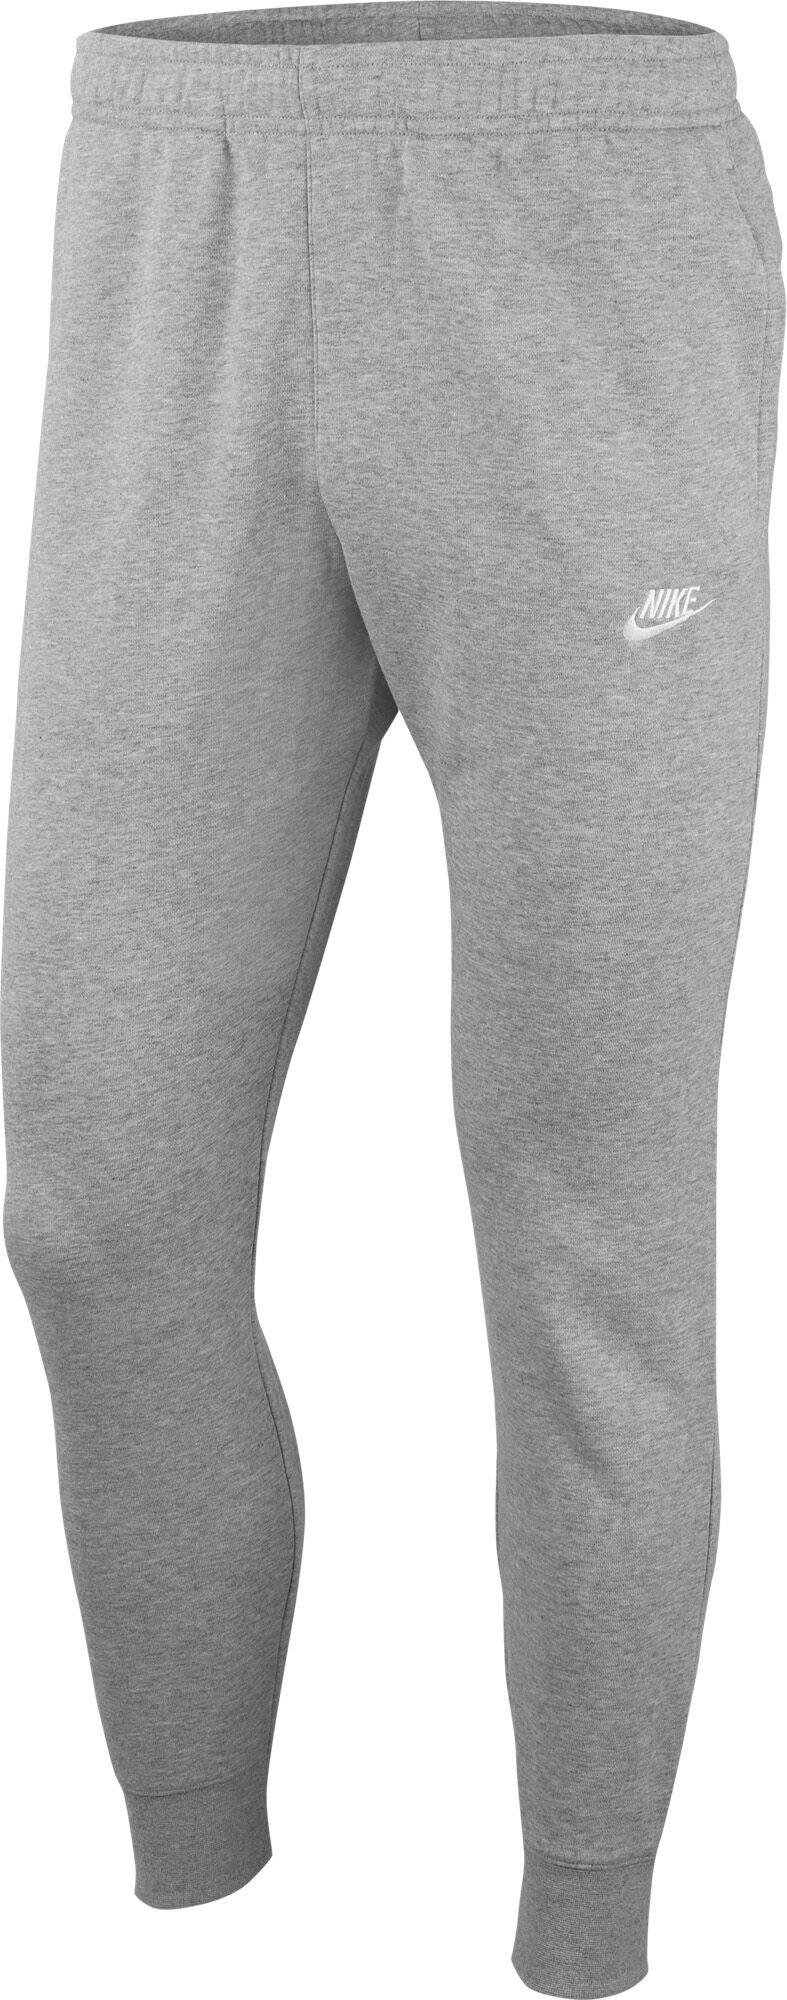 Gr. XS 34 170 evtl. 176 Jogginghose von Adidas Sporthose Hose